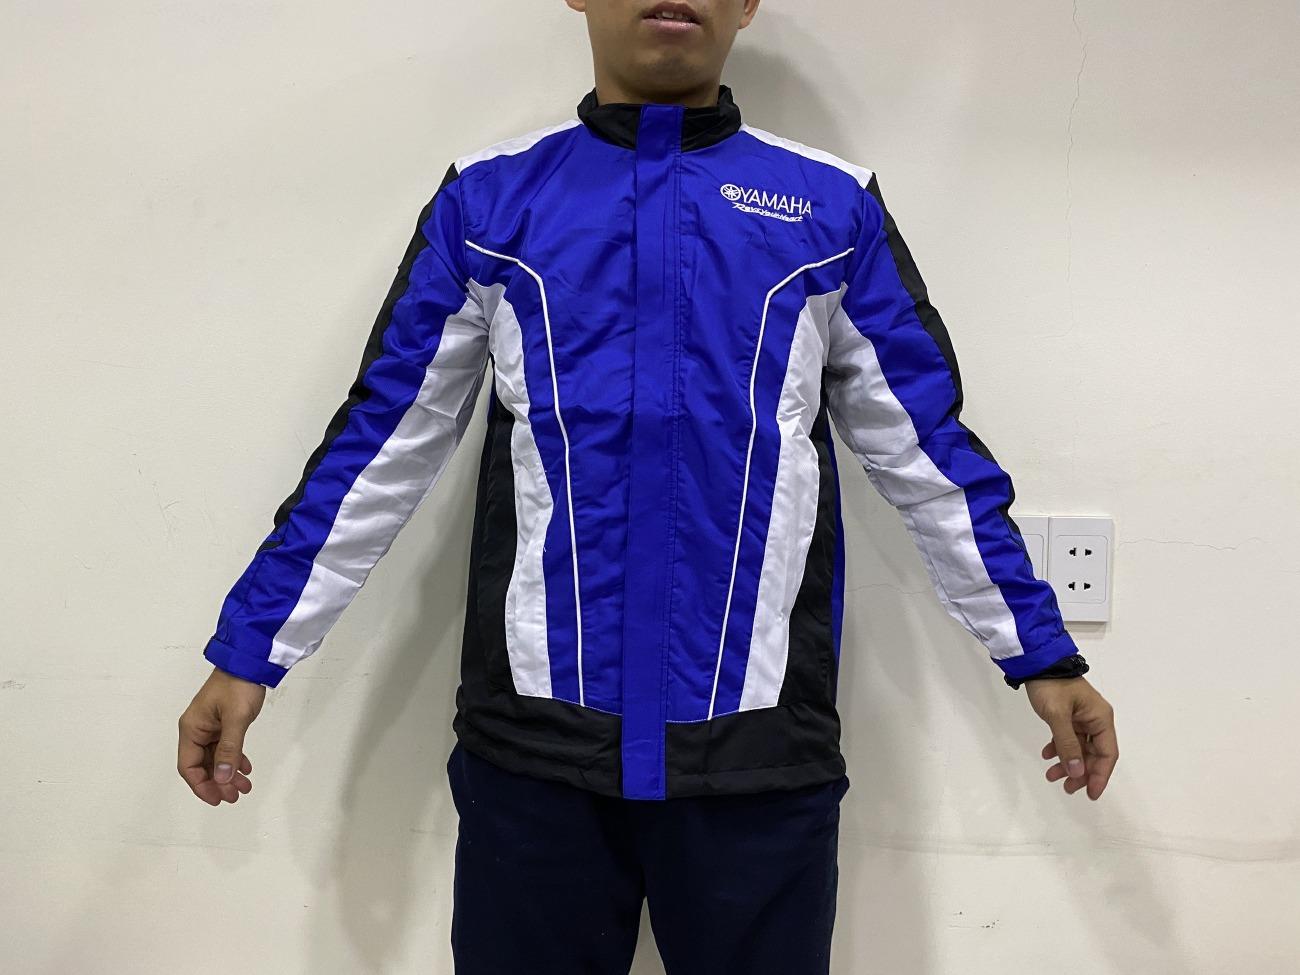 Chuyên may áo gió đồng phục mọi số lượng theo yêu cầu từ TPHCM